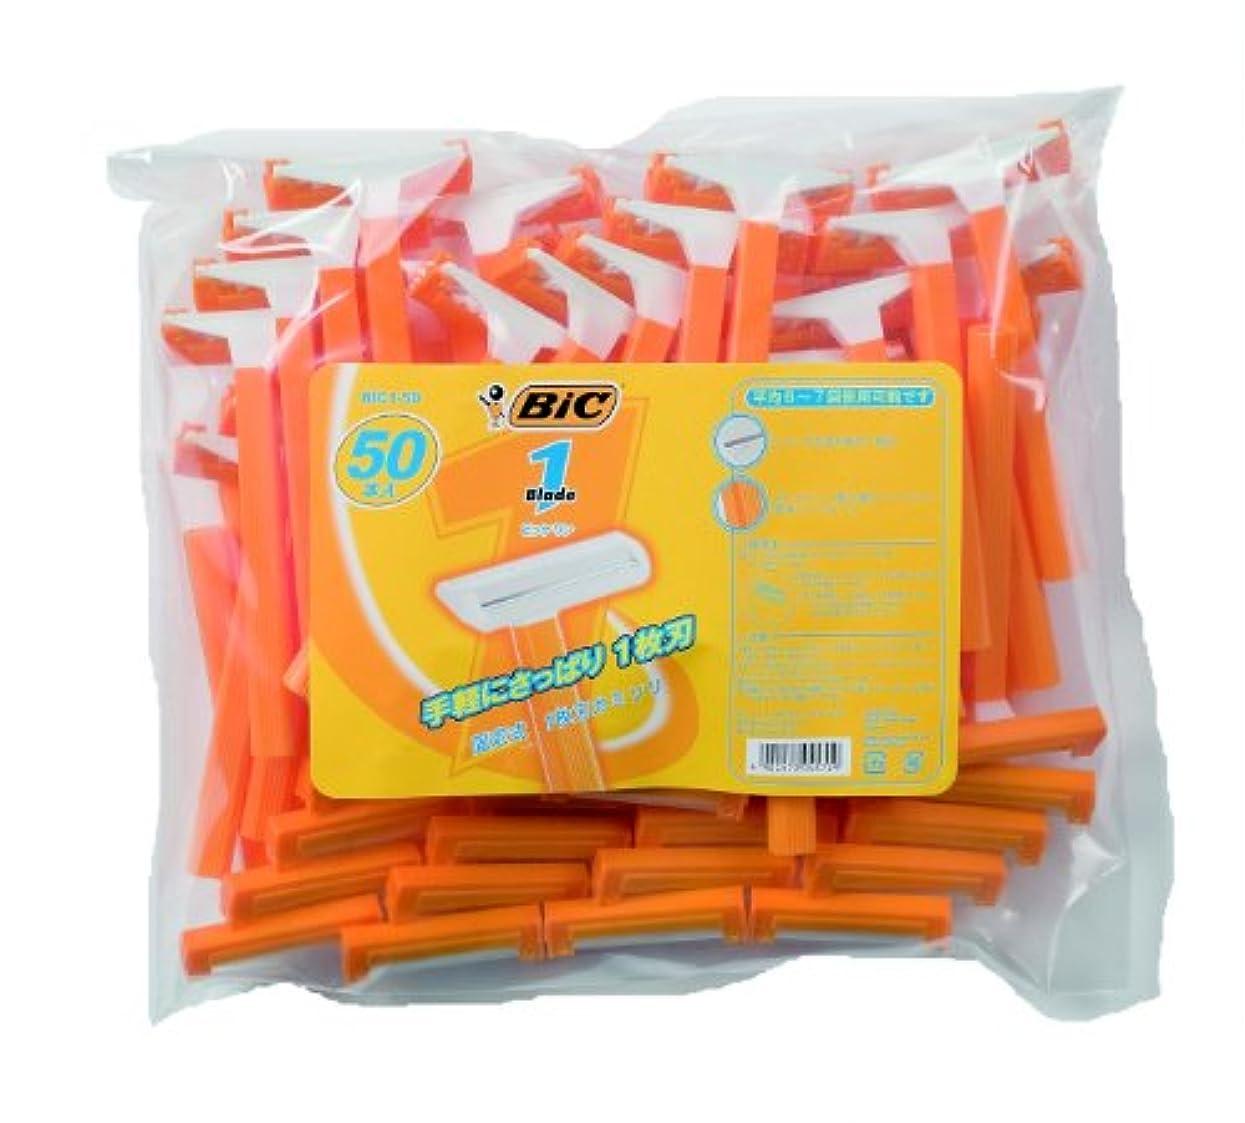 オーナメント間接的韓国ビック BIC BIC1 1枚刃 使い捨てカミソリ シェーバー ひげそり ディスポ 50本入